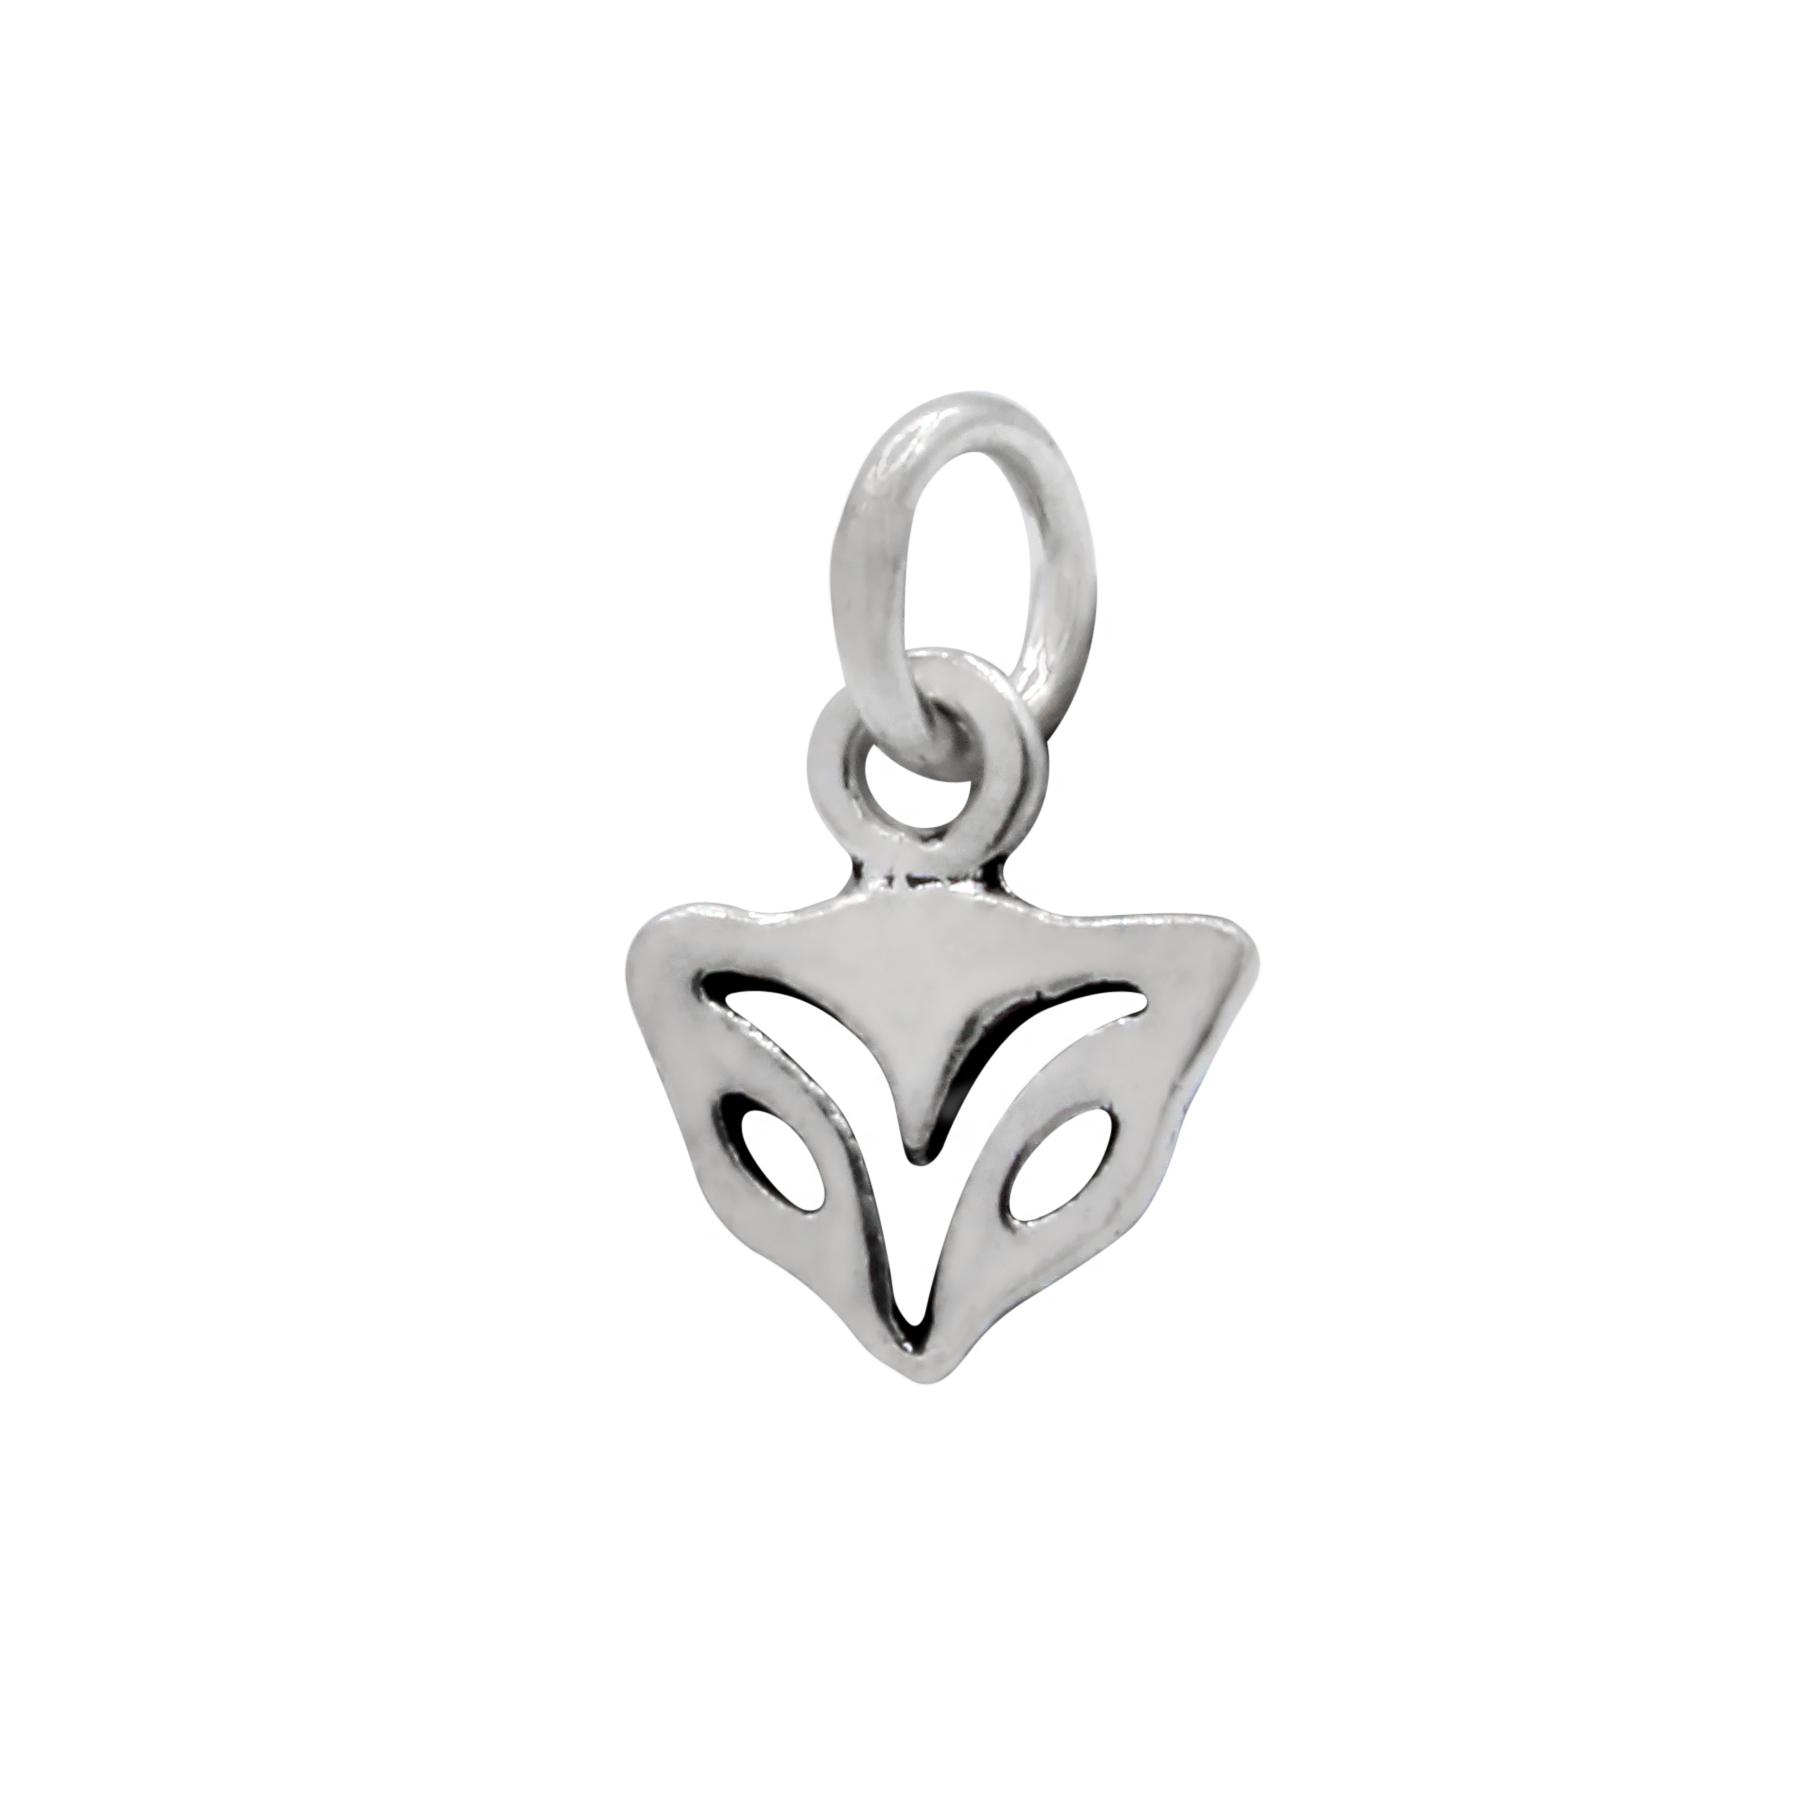 nickel-free sterling silver fox head petite charm